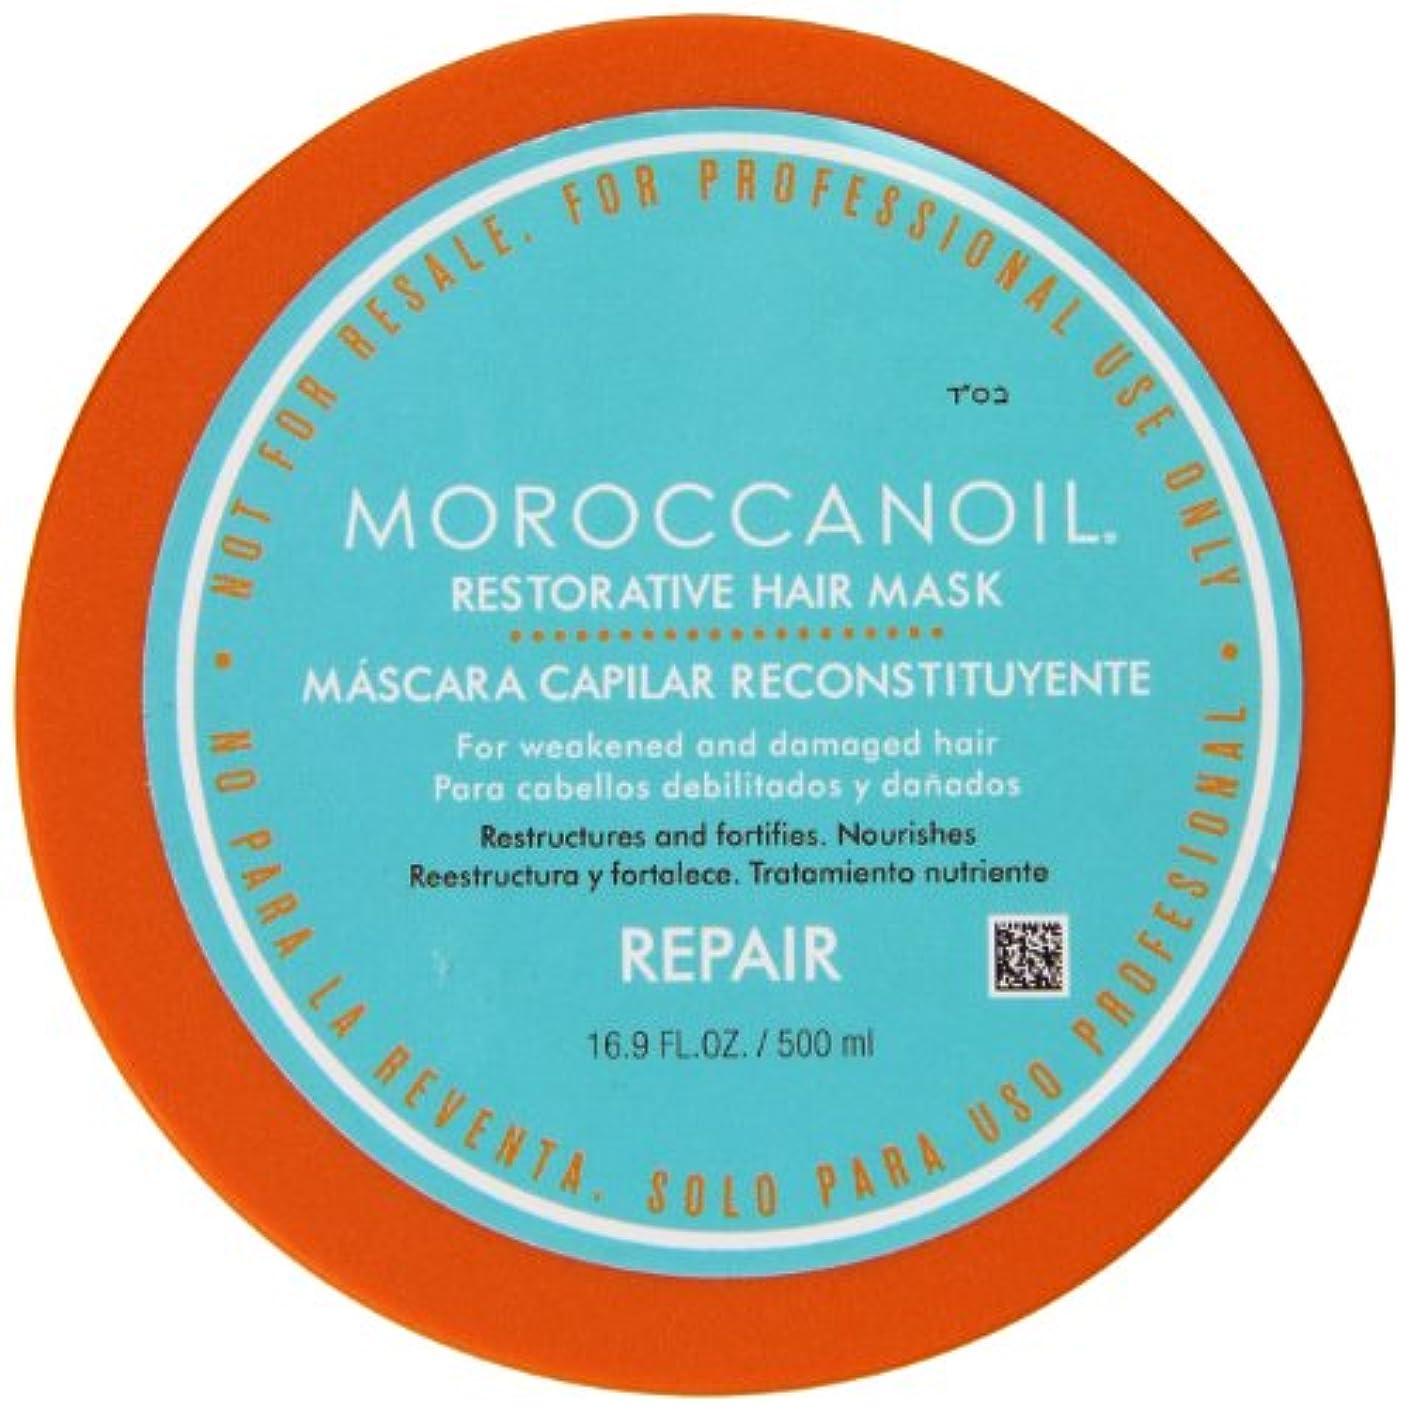 背景補助髄モロッカンオイル リストラクティブ ヘア マスク (ダメージを受けた髪用) 500ml/16.9oz並行輸入品